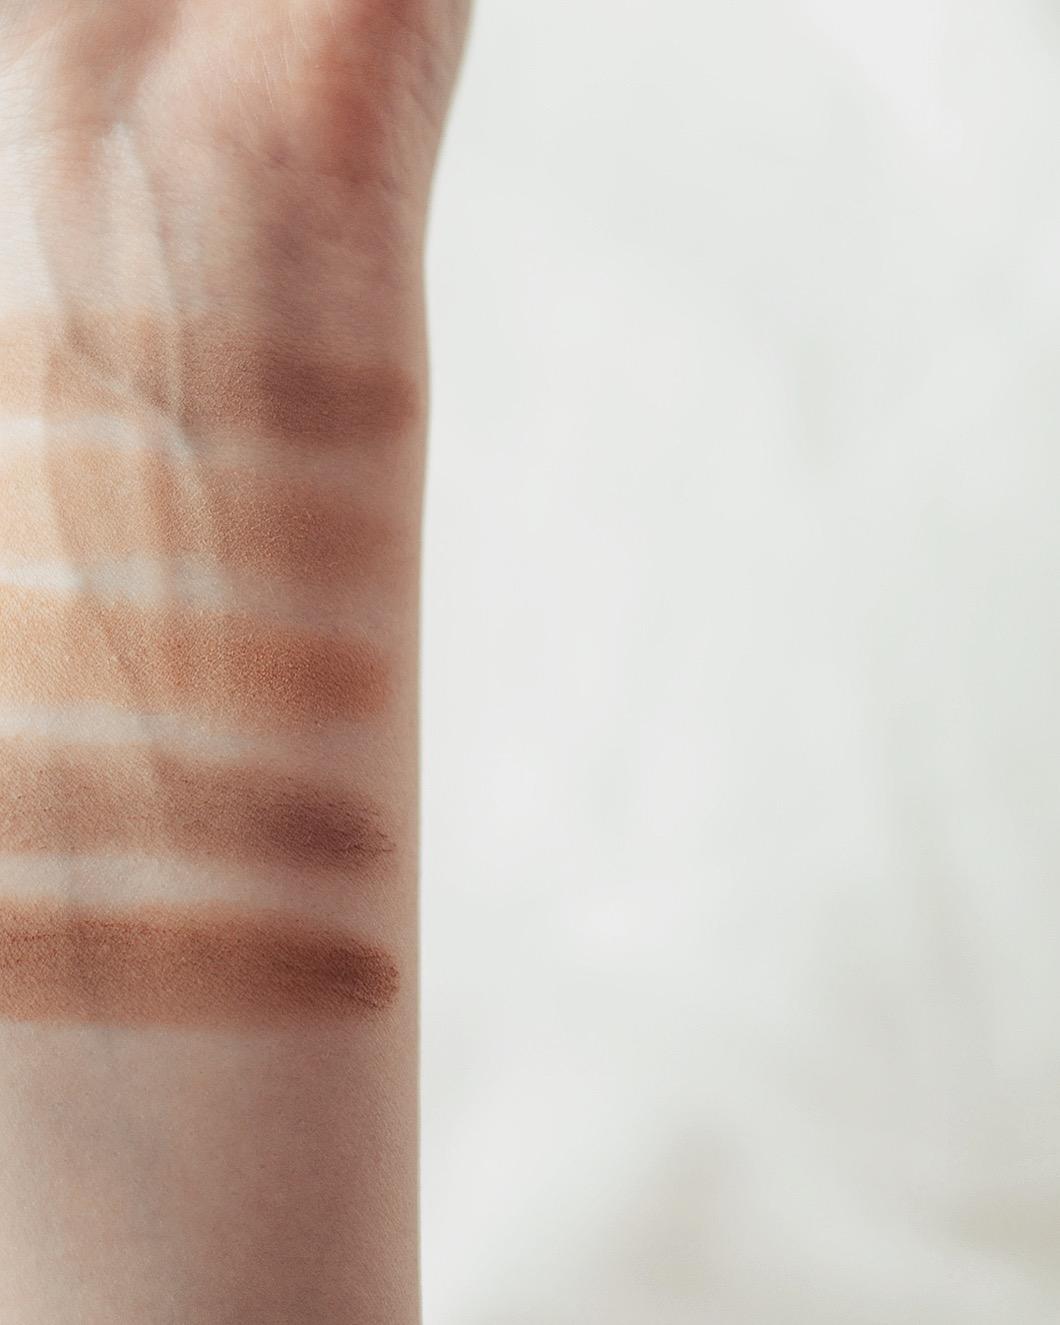 feerie celeste bewitched bronze bronzing and contouring powder puder brązujący do konturowania z wyciągiem z brązowych alg kolory brązerów pixie cosmetics brązer naturalny brązer jak wygląda na skórze brązer nie zapycha por